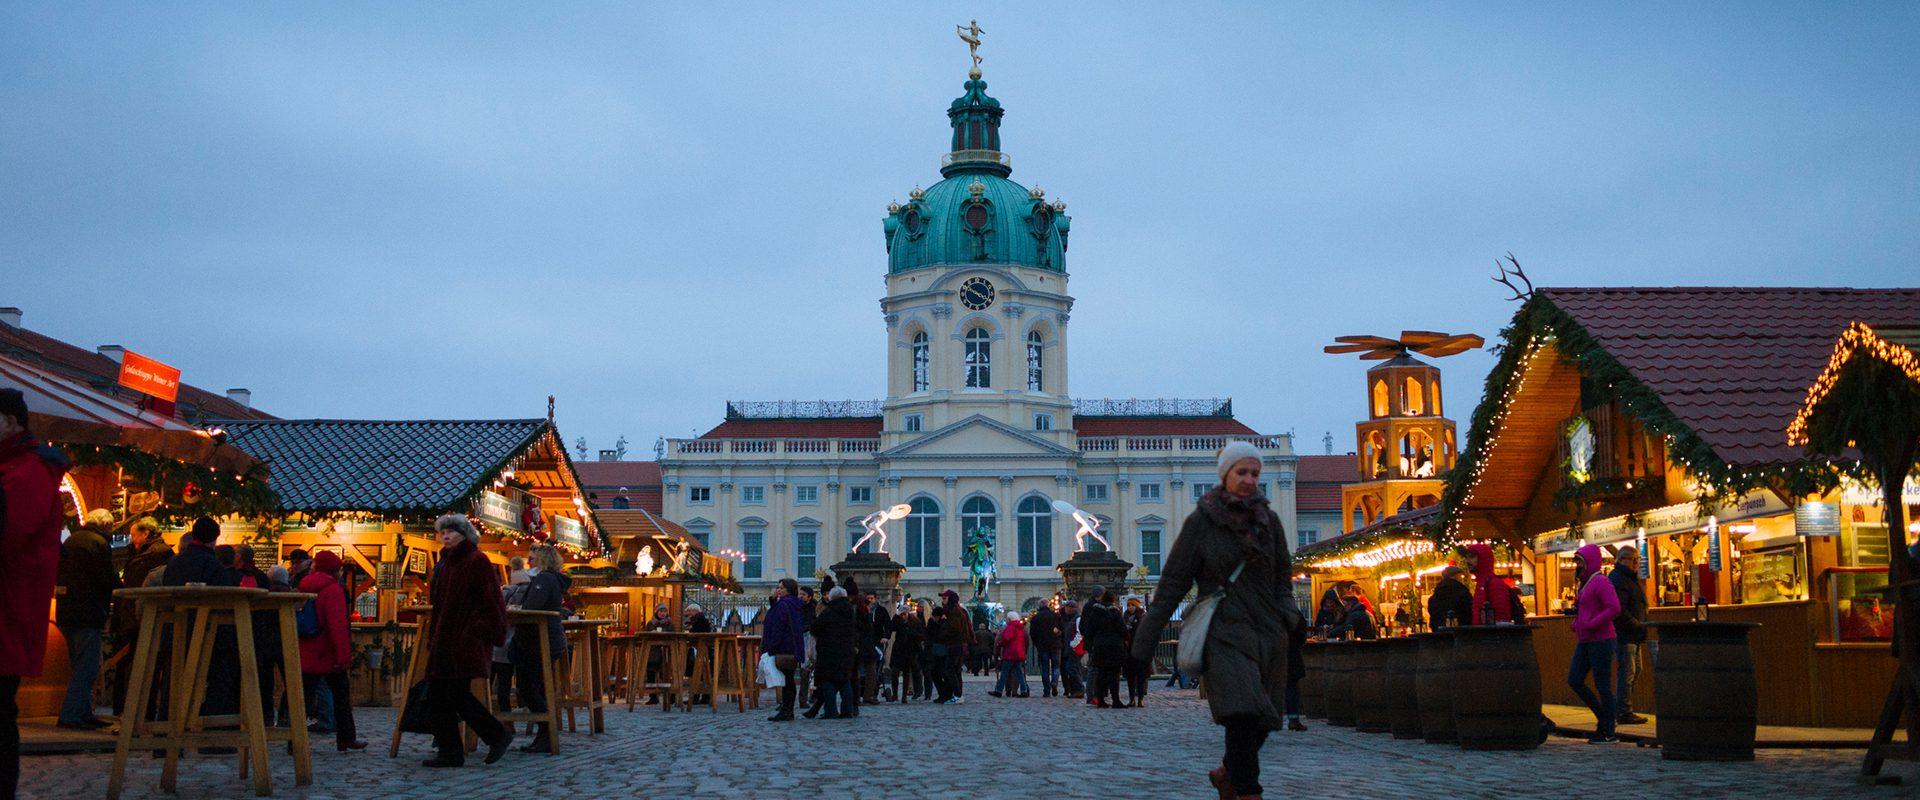 Los mejores mercadillos navideños de Europa